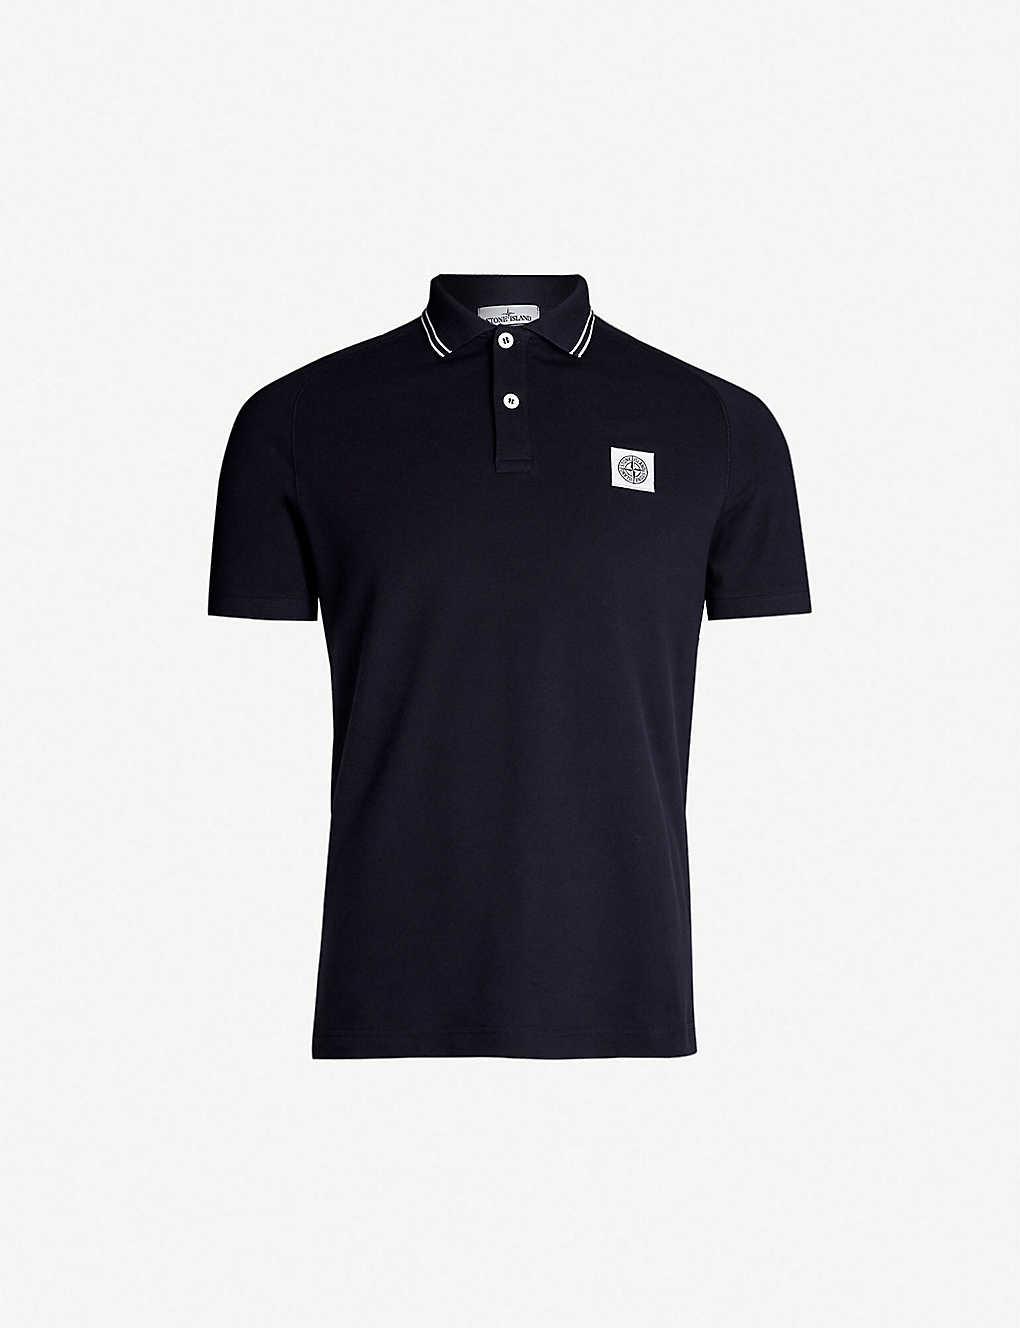 a9ec9680de9 STONE ISLAND - Badge chest stretch-cotton polo shirt | Selfridges.com